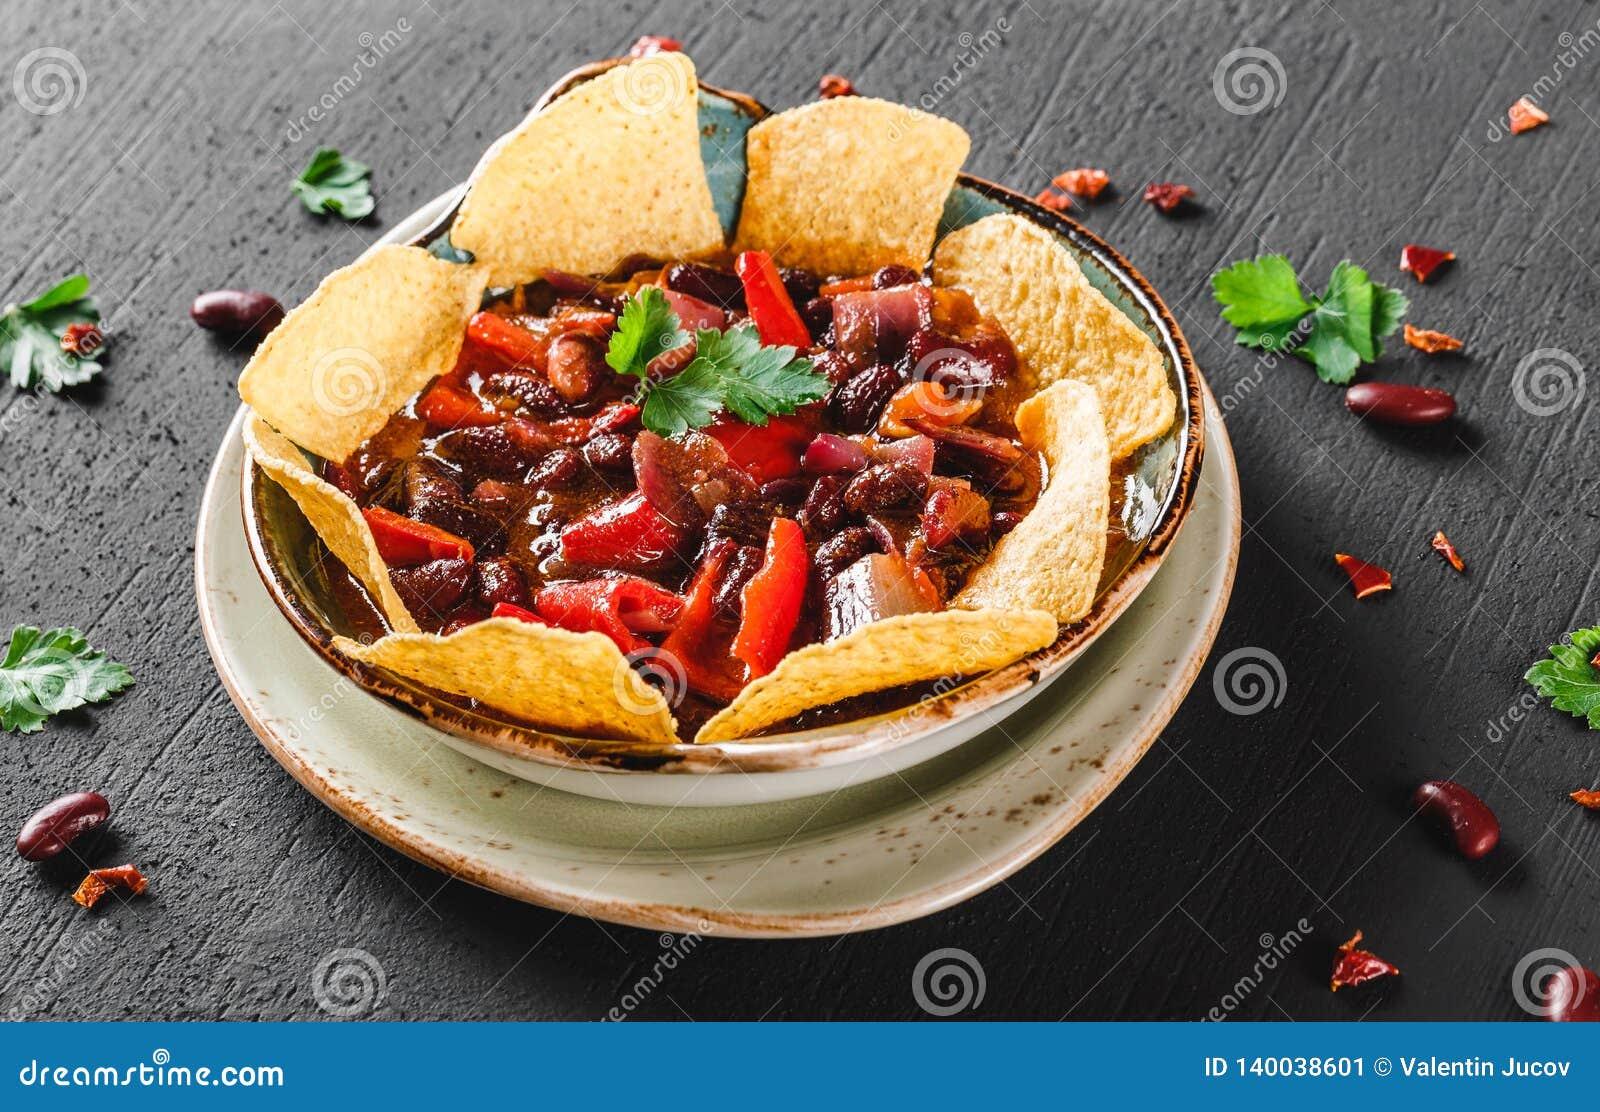 Haba roja con nachos o microprocesadores de la pita, pimienta y verdes en la placa sobre fondo oscuro Bocado mexicano, comida veg